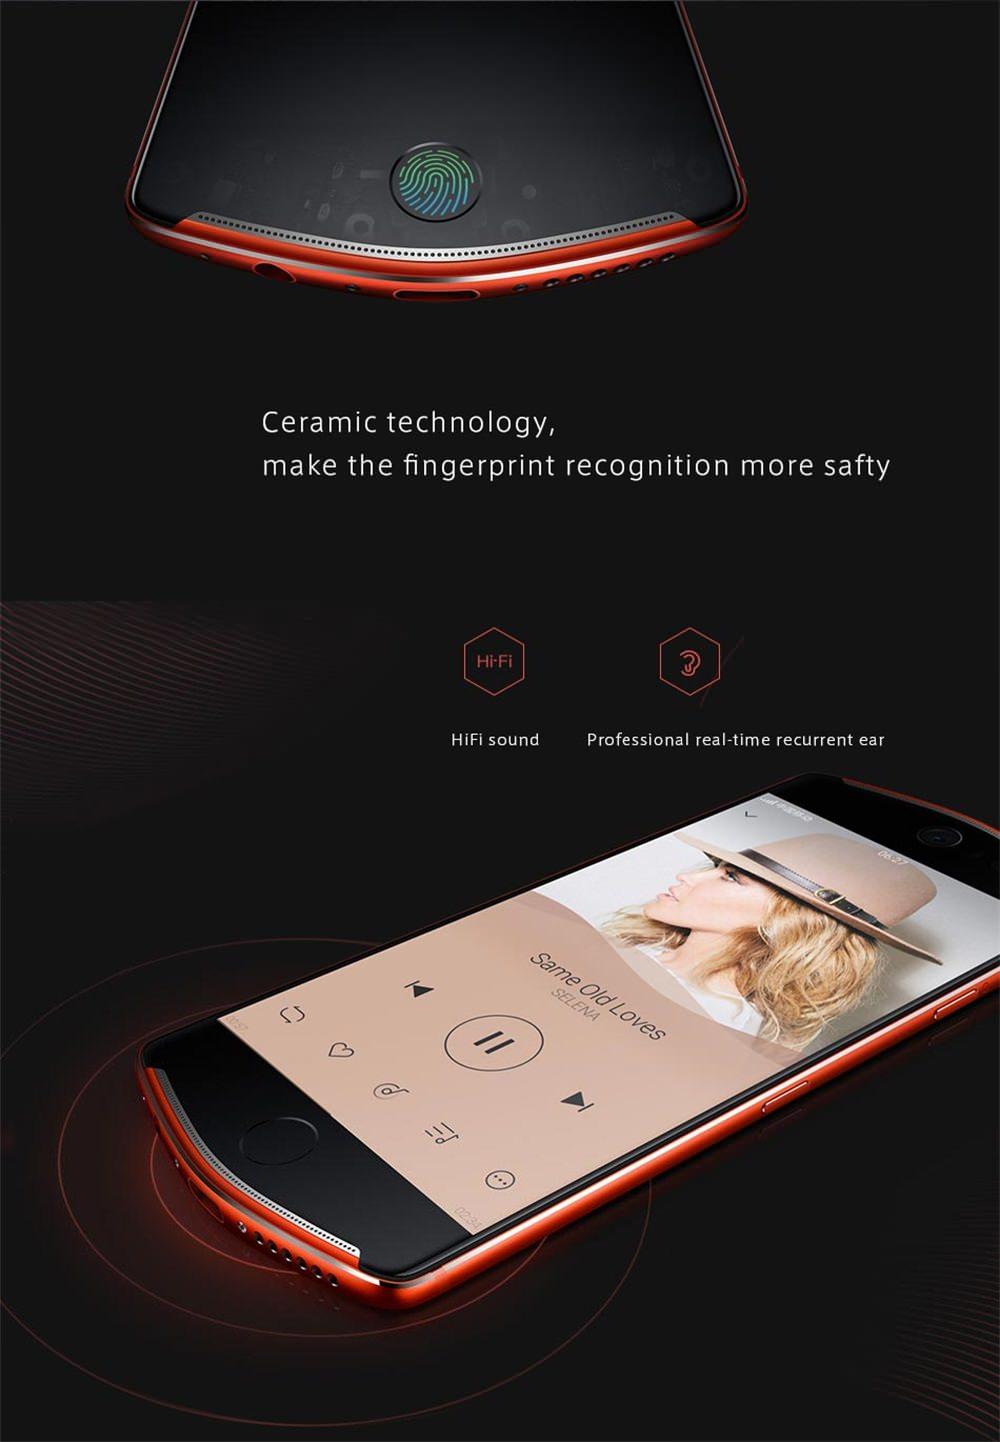 meitu t8 smartphone